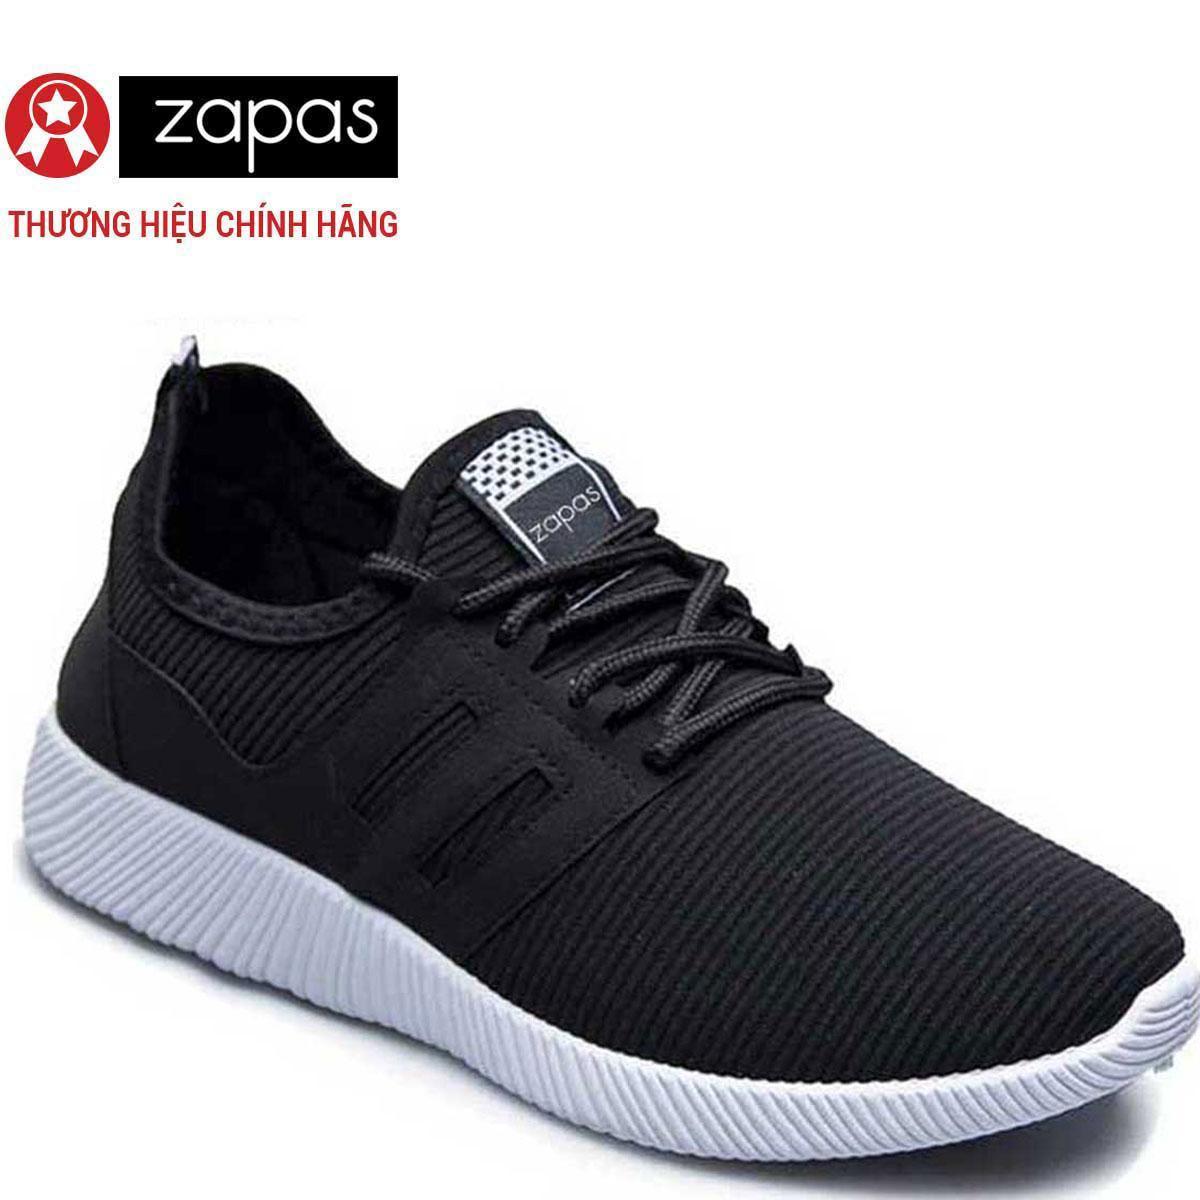 Hình ảnh Giày Sneaker Thời Trang Nam Zapas - GS068 (Đen)